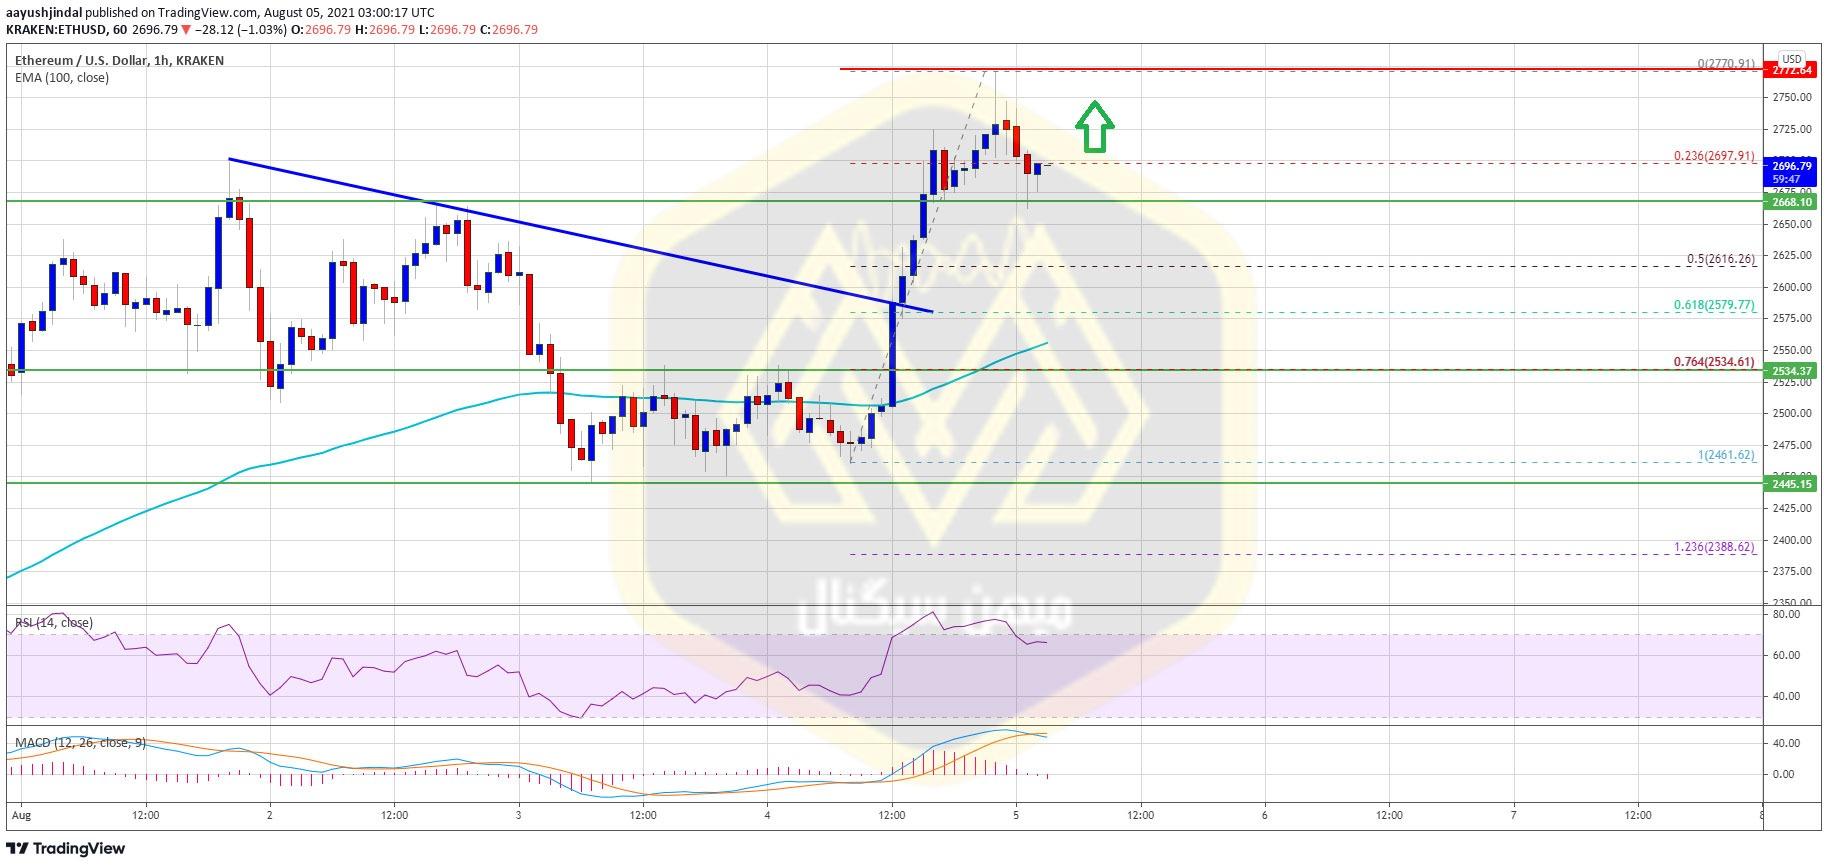 نمودار یک ساعته قیمت اتریوم / دلار